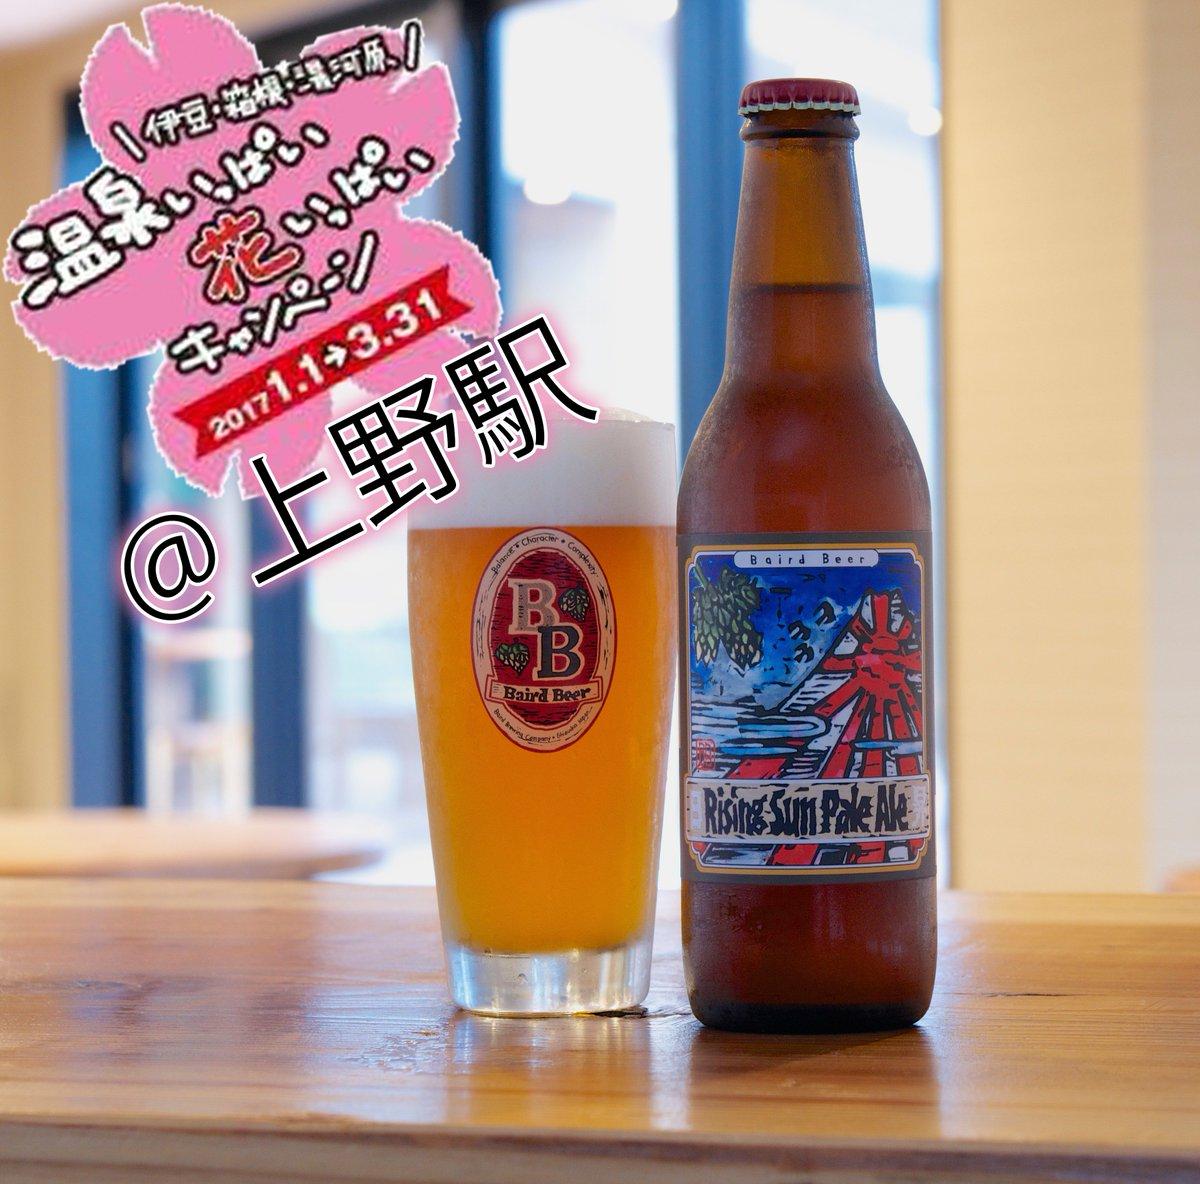 今日から3日間、上野駅の伊豆産直市でベアードビールを12種類も販売しています!伊豆ラブをお待ちしております